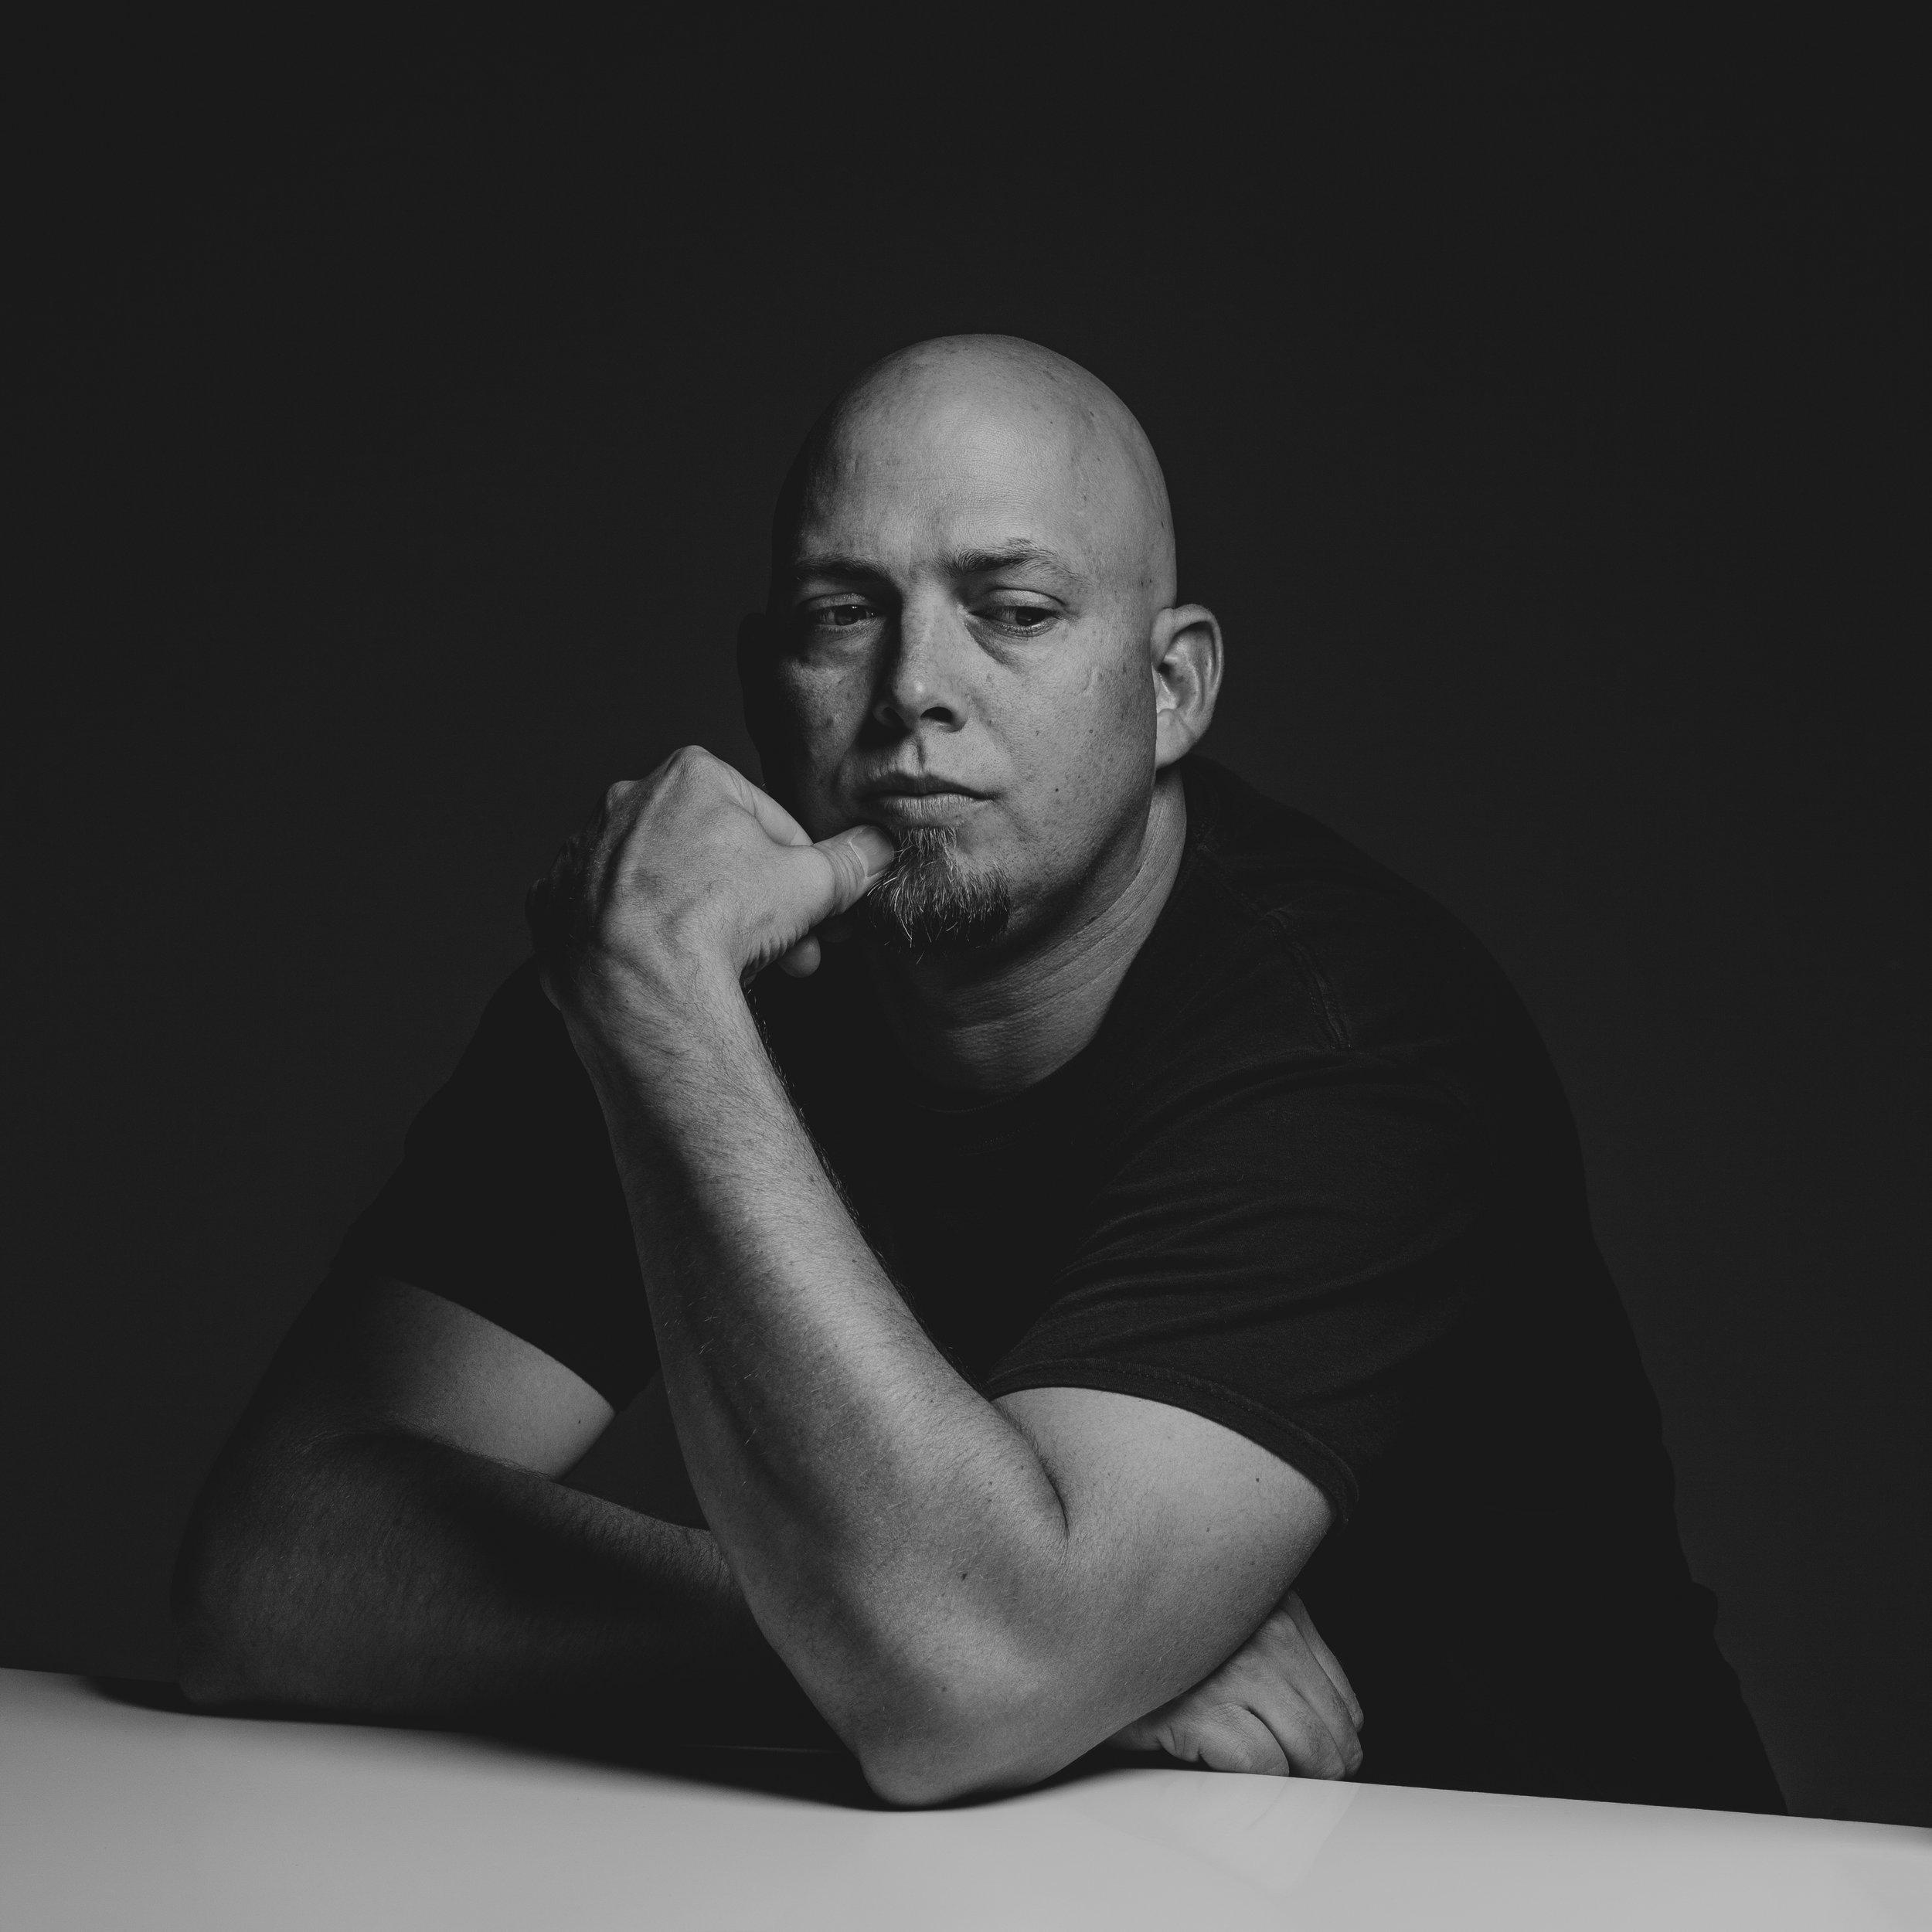 ©duston-todd-portrait-black-white-studio.jpg